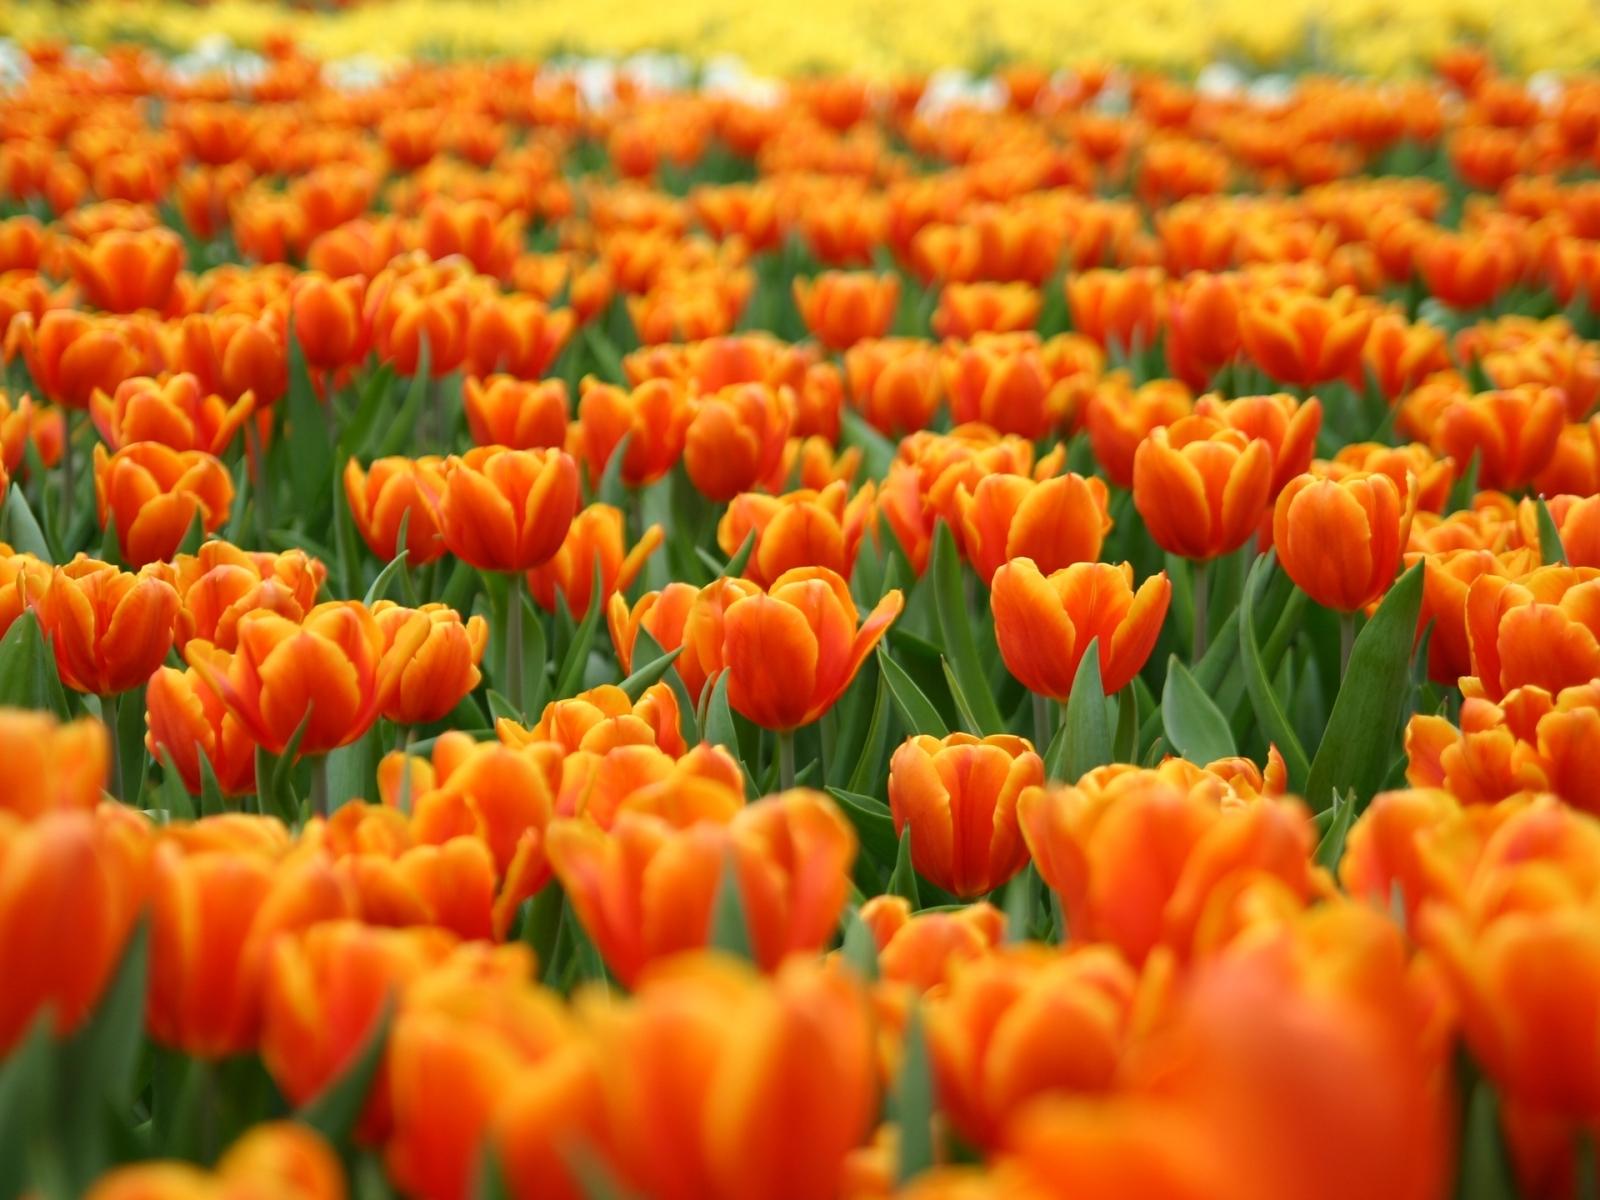 6907 скачать обои Растения, Цветы, Фон, Тюльпаны - заставки и картинки бесплатно